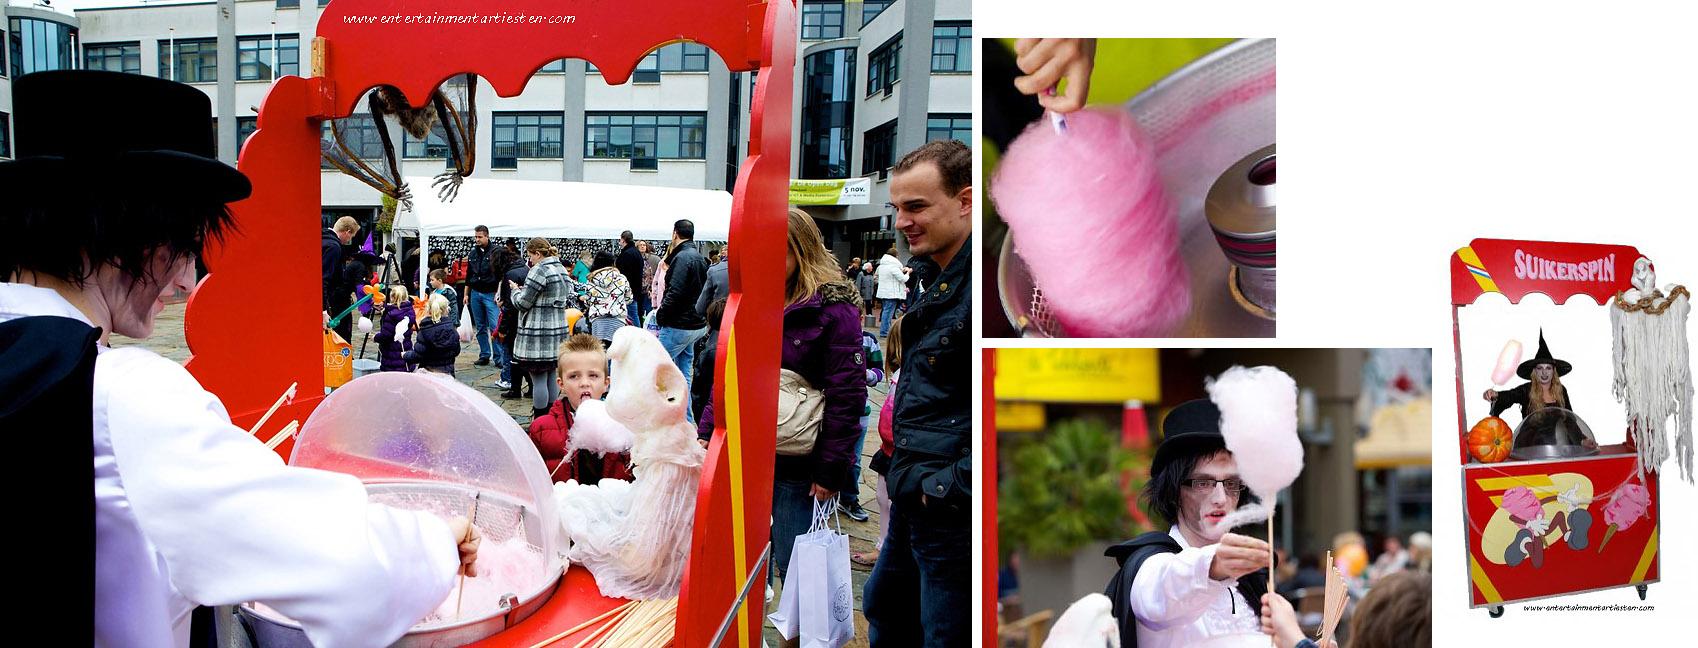 Spinnenrag uitdelen (suikerspinnen) een kinderact uitgevoerd door Halloween artiesten, themafeest Halloween, Govers Evenementen, www.goversartiesten.nl